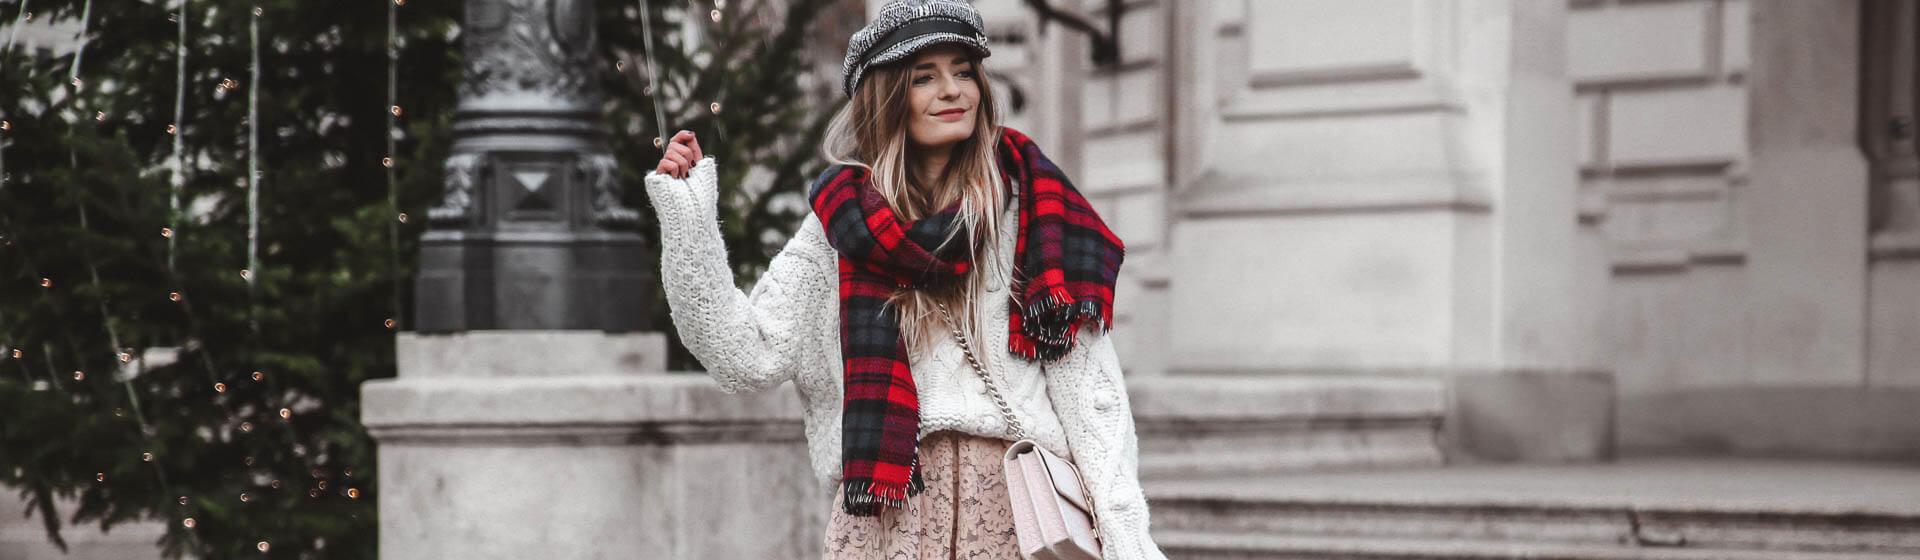 Outfit für Weihnachtsfeiertage bestehend aus Rock und Oversized Pulli